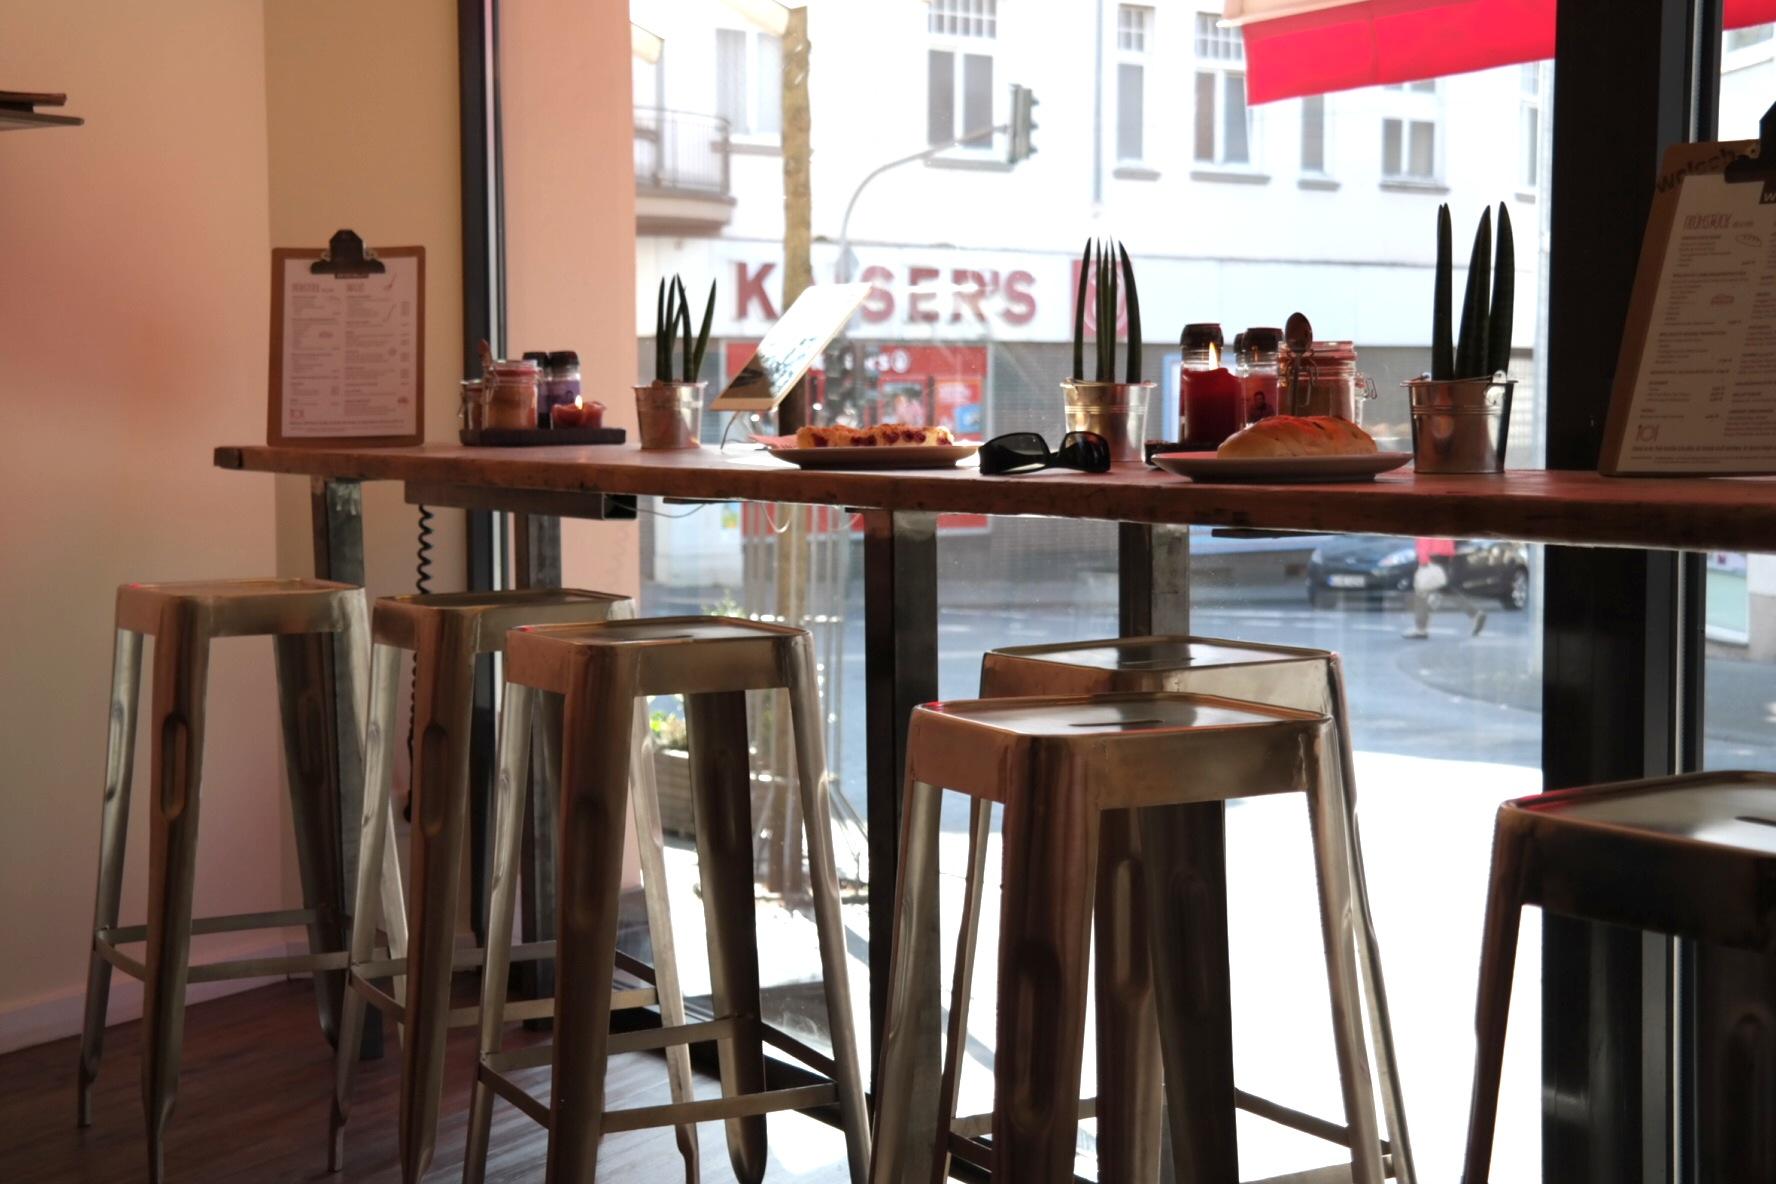 Cafe Bad Honnef